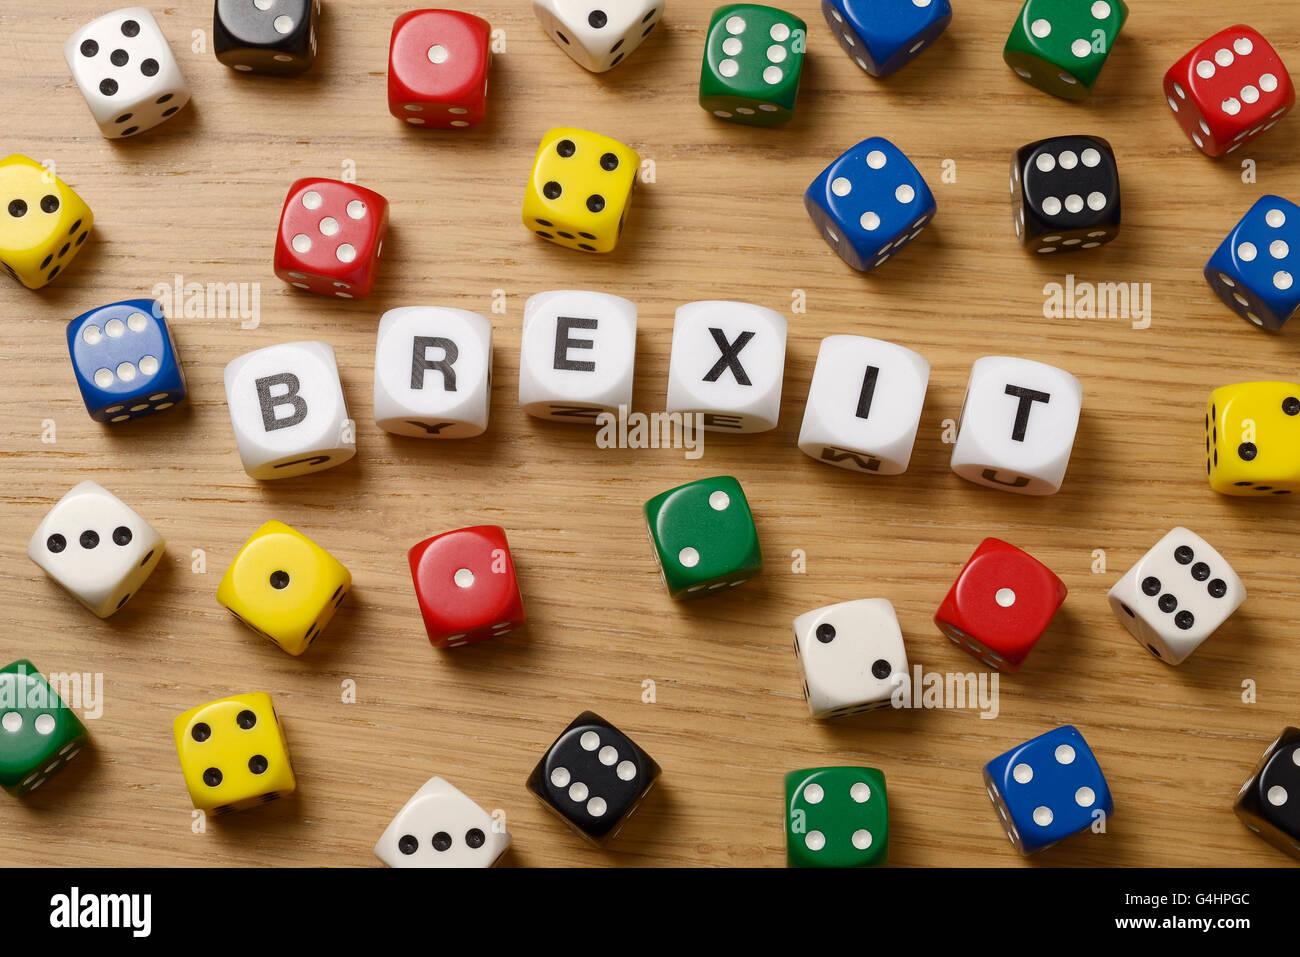 Still life studio imagen concepto para el Reino Unido del referéndum sobre la adhesión a la UE Imagen De Stock